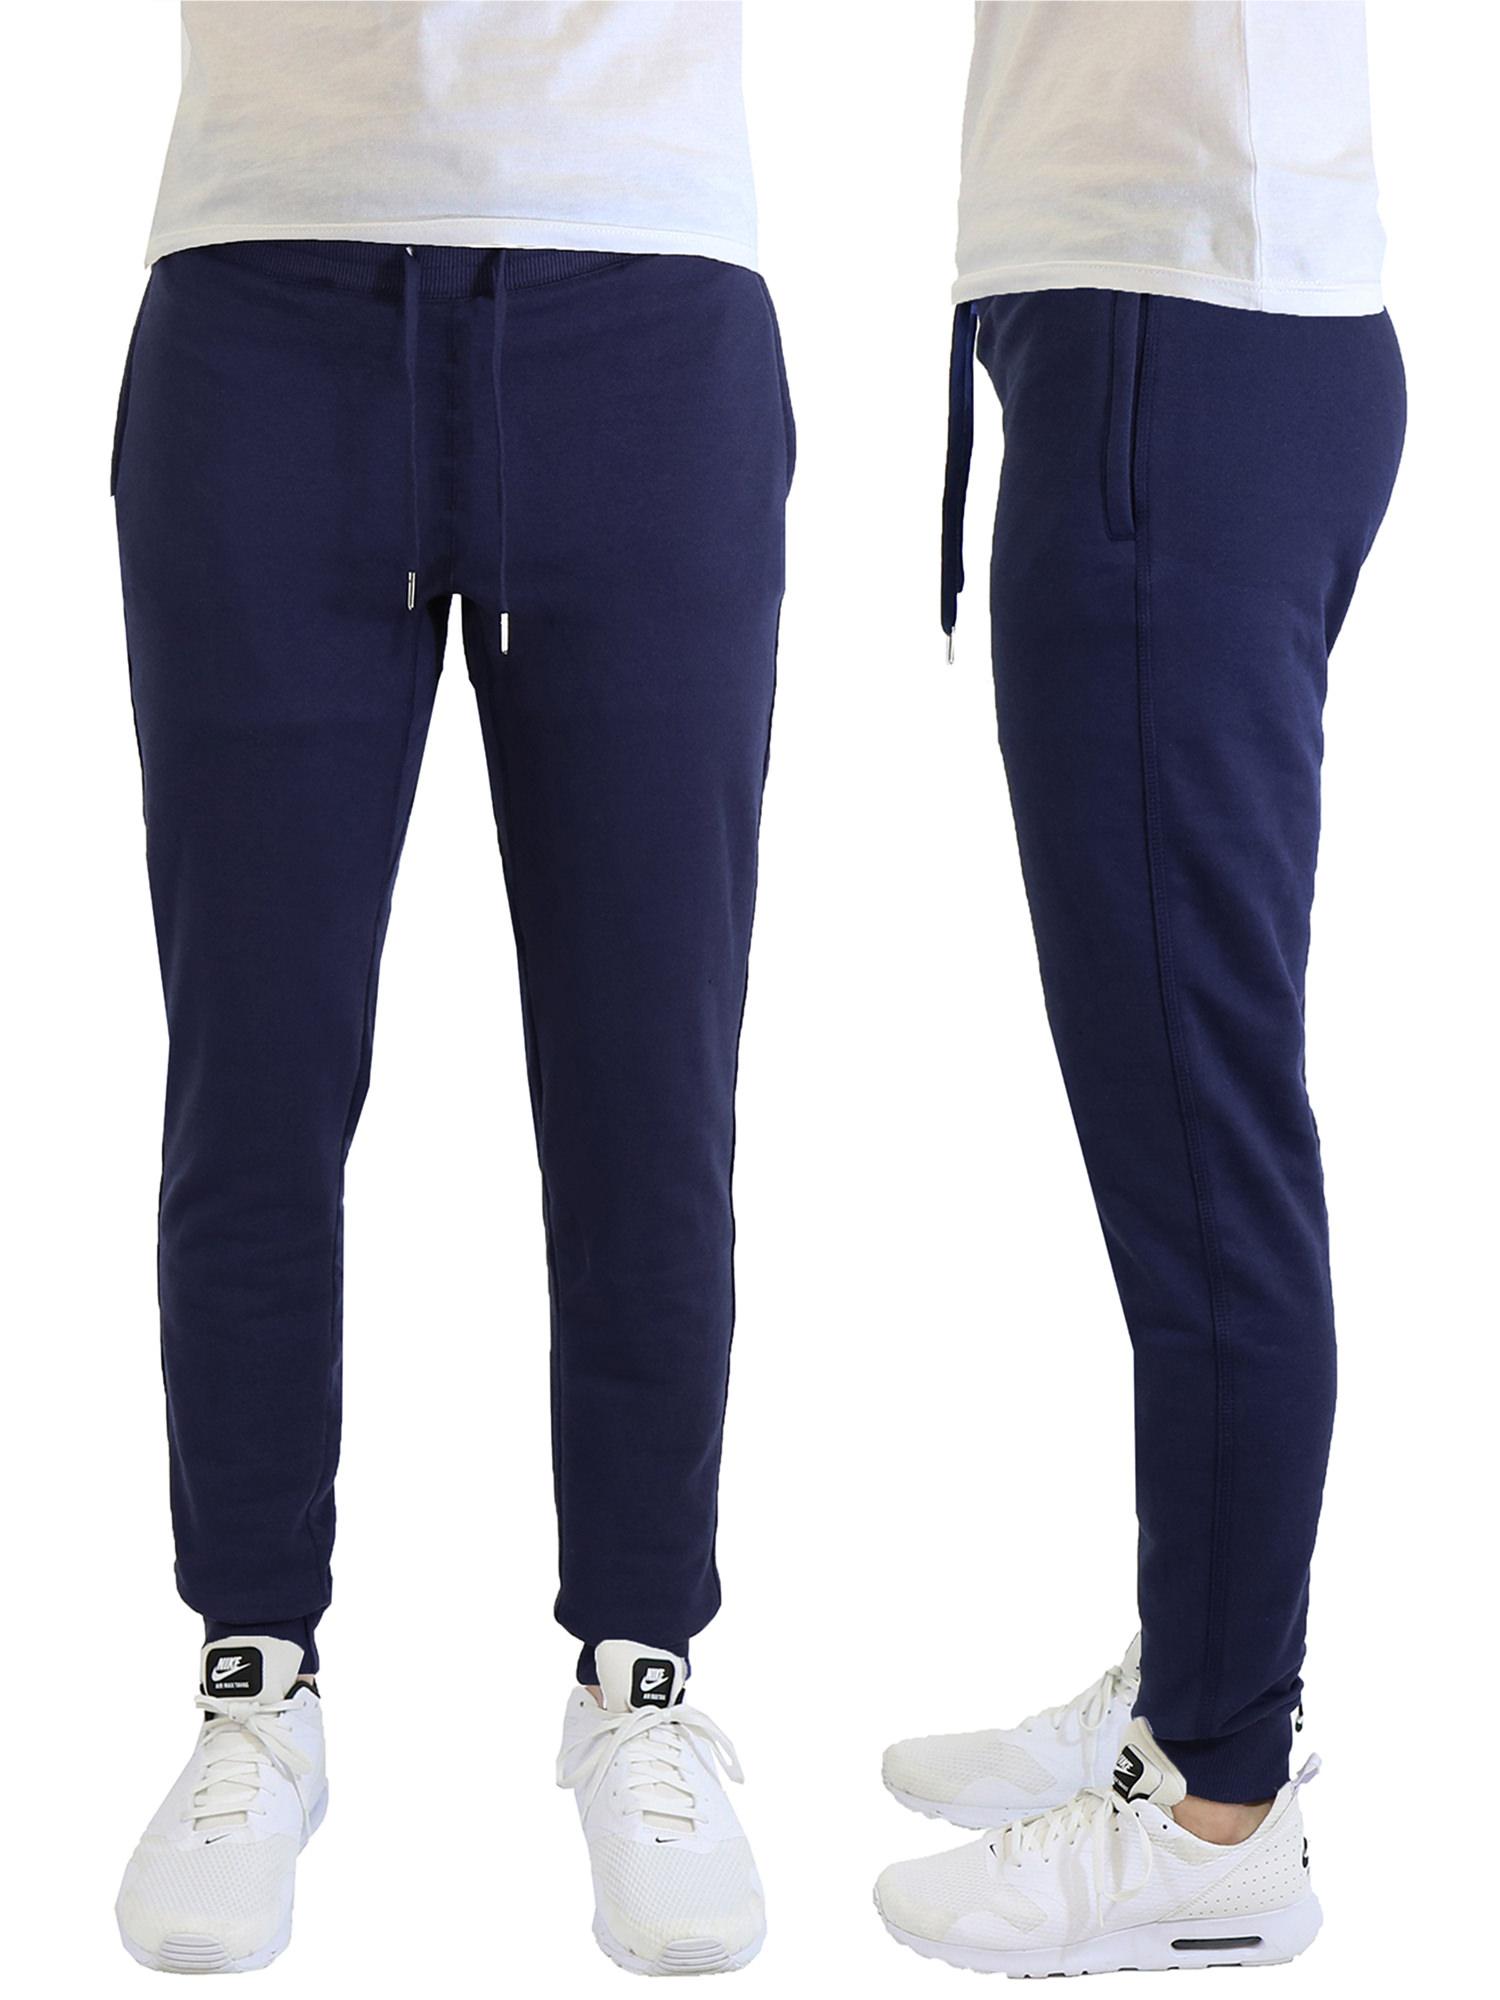 Men's Soft-Fleece Joggers With Zipper Pockets